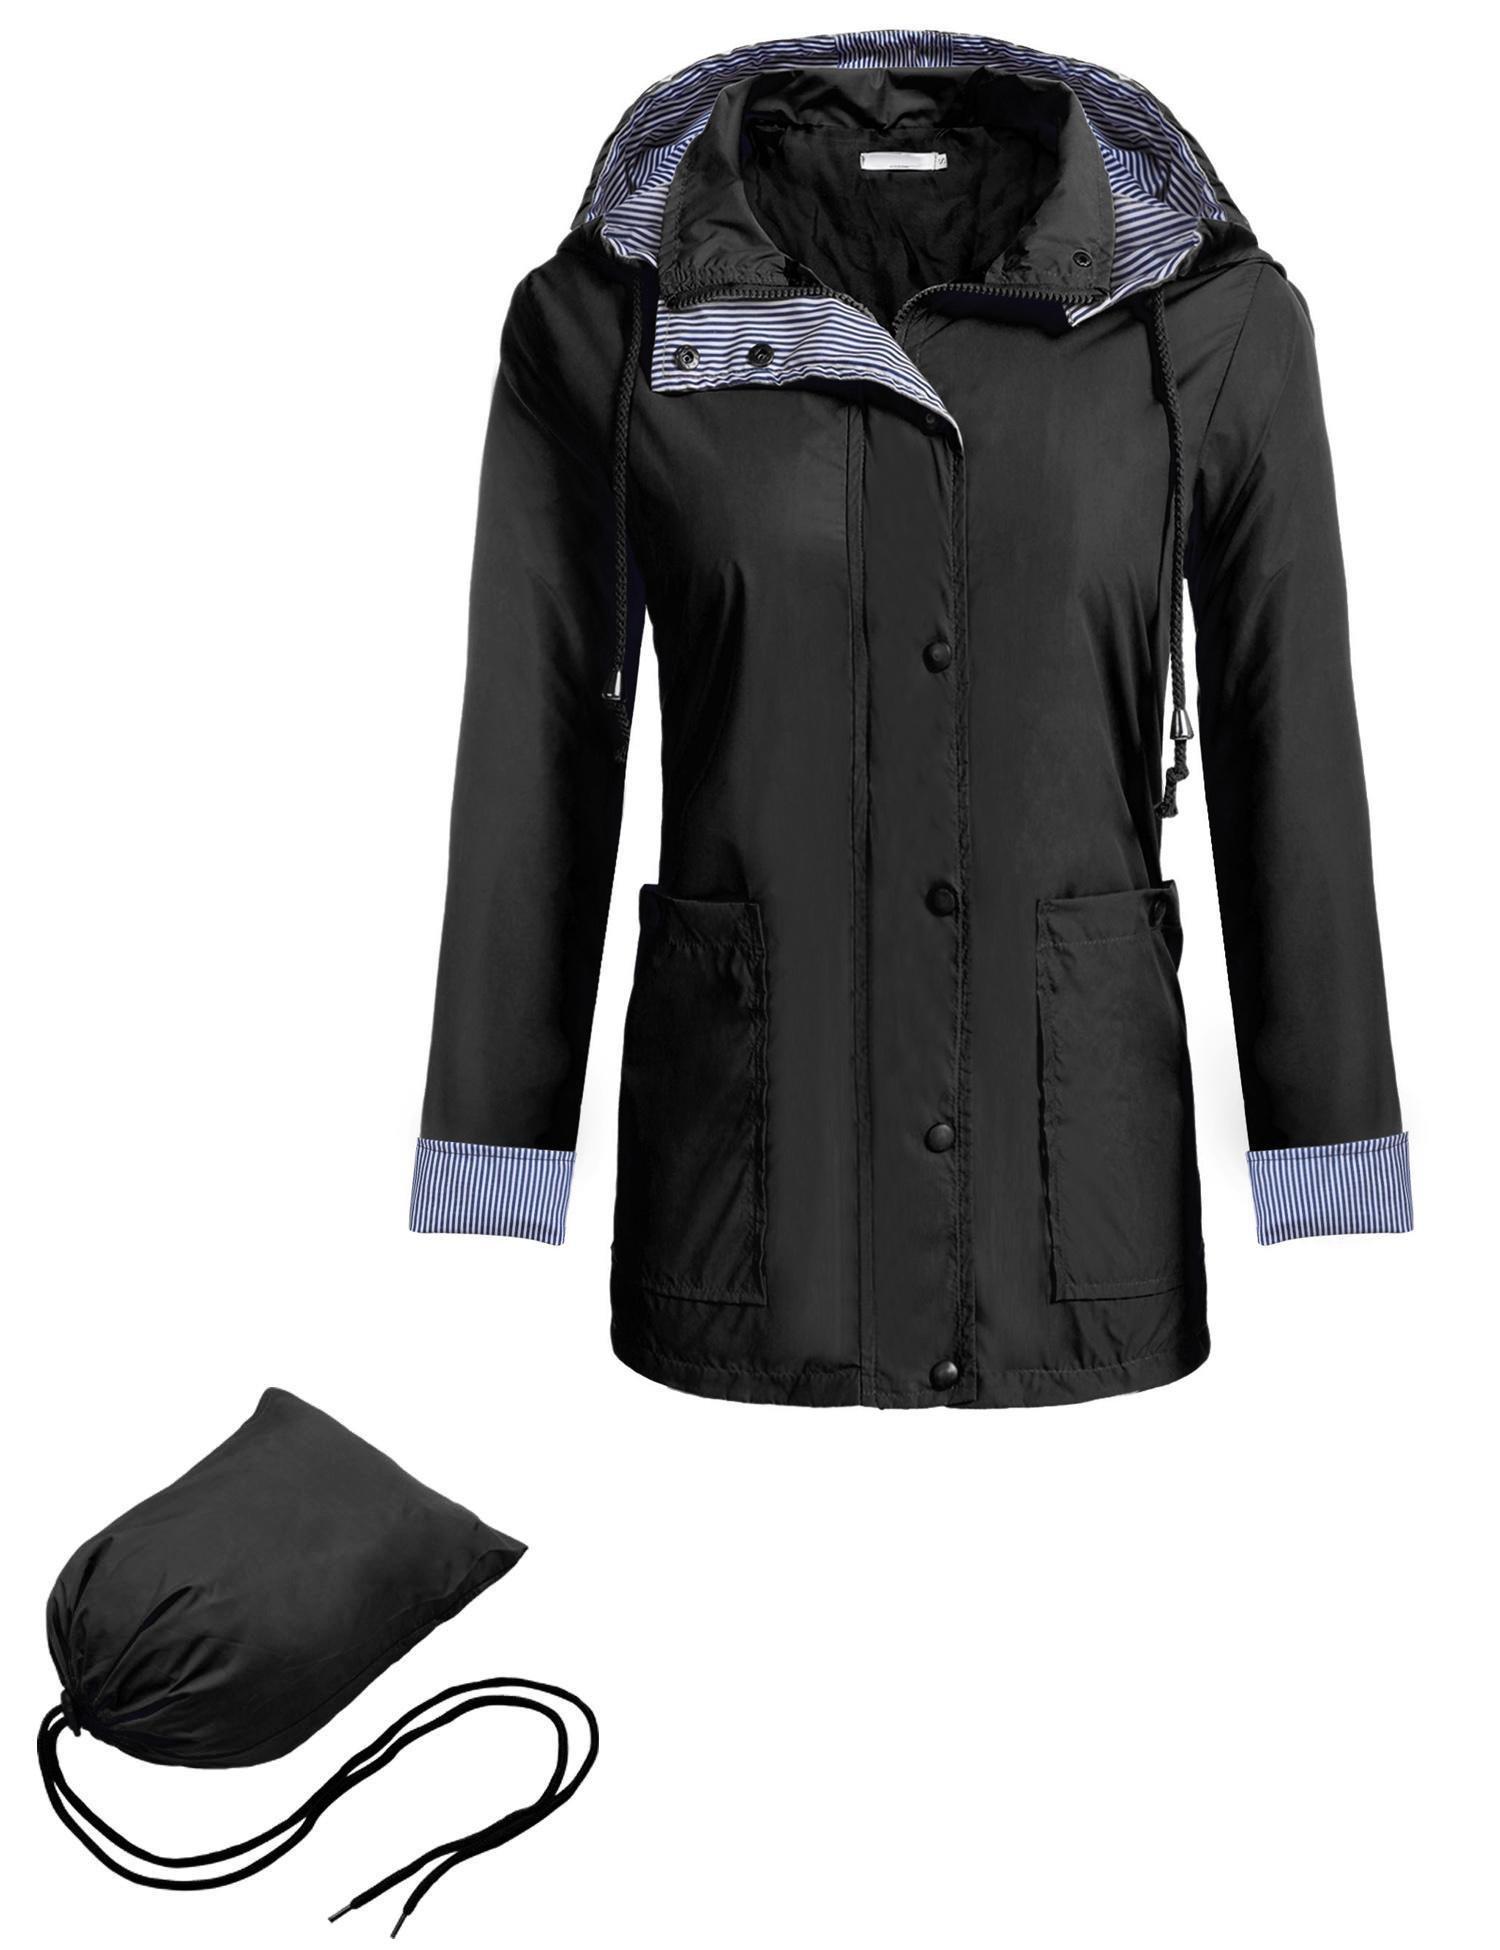 Zeagoo Women's Hooed Rain Coat Single Breasted Waterproof Jacket, Style 1 Black, Small